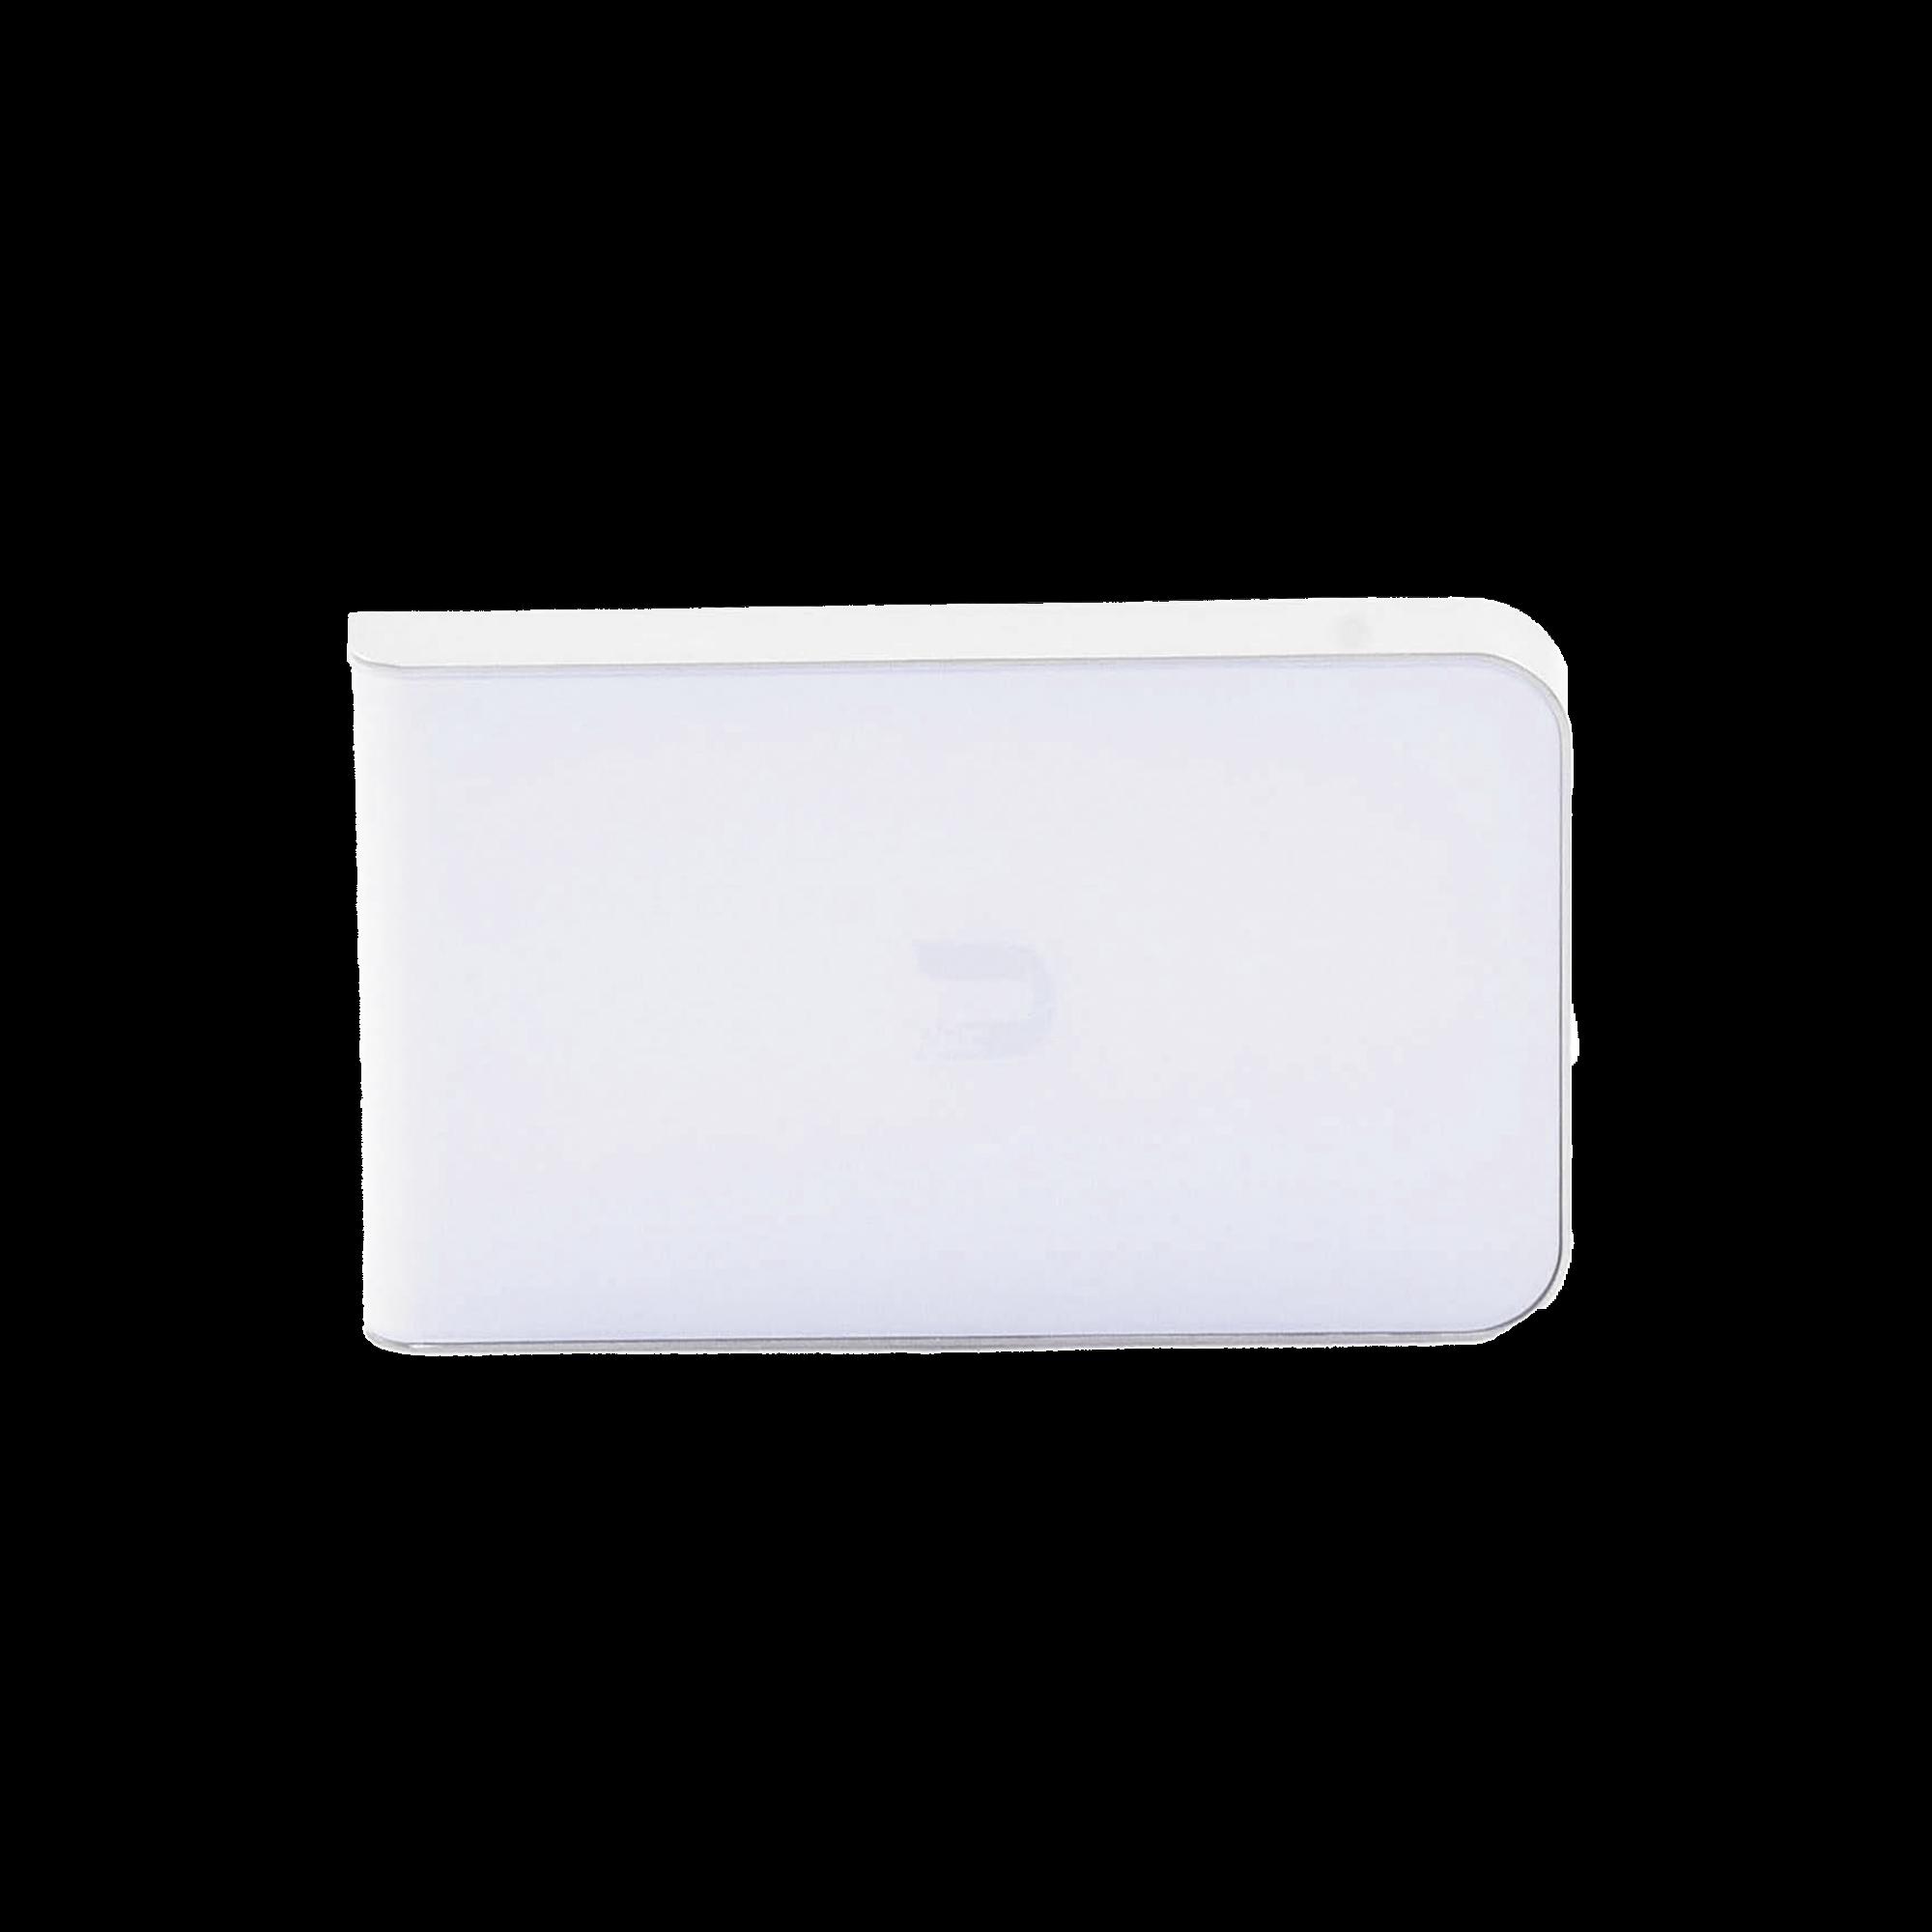 Access Point UniFI doble banda cobertura 180?, MI-MO 2x2 diseño placa de pared con dos puertos adicionales, hasta 100 usuarios Wi-Fi